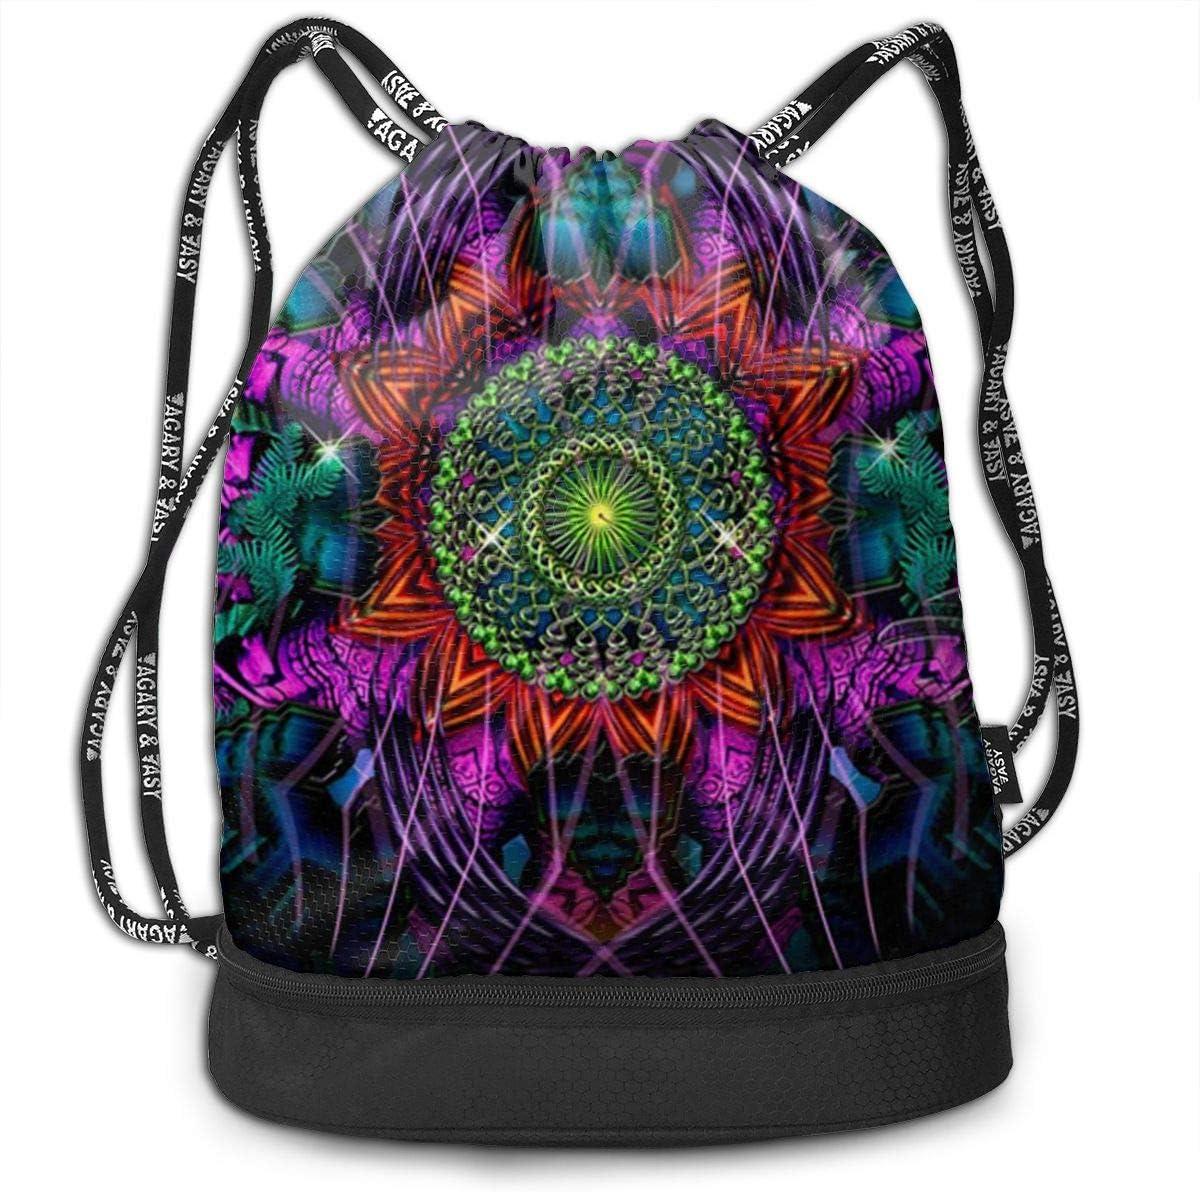 HUOPR5Q Wolf Drawstring Backpack Sport Gym Sack Shoulder Bulk Bag Dance Bag for School Travel